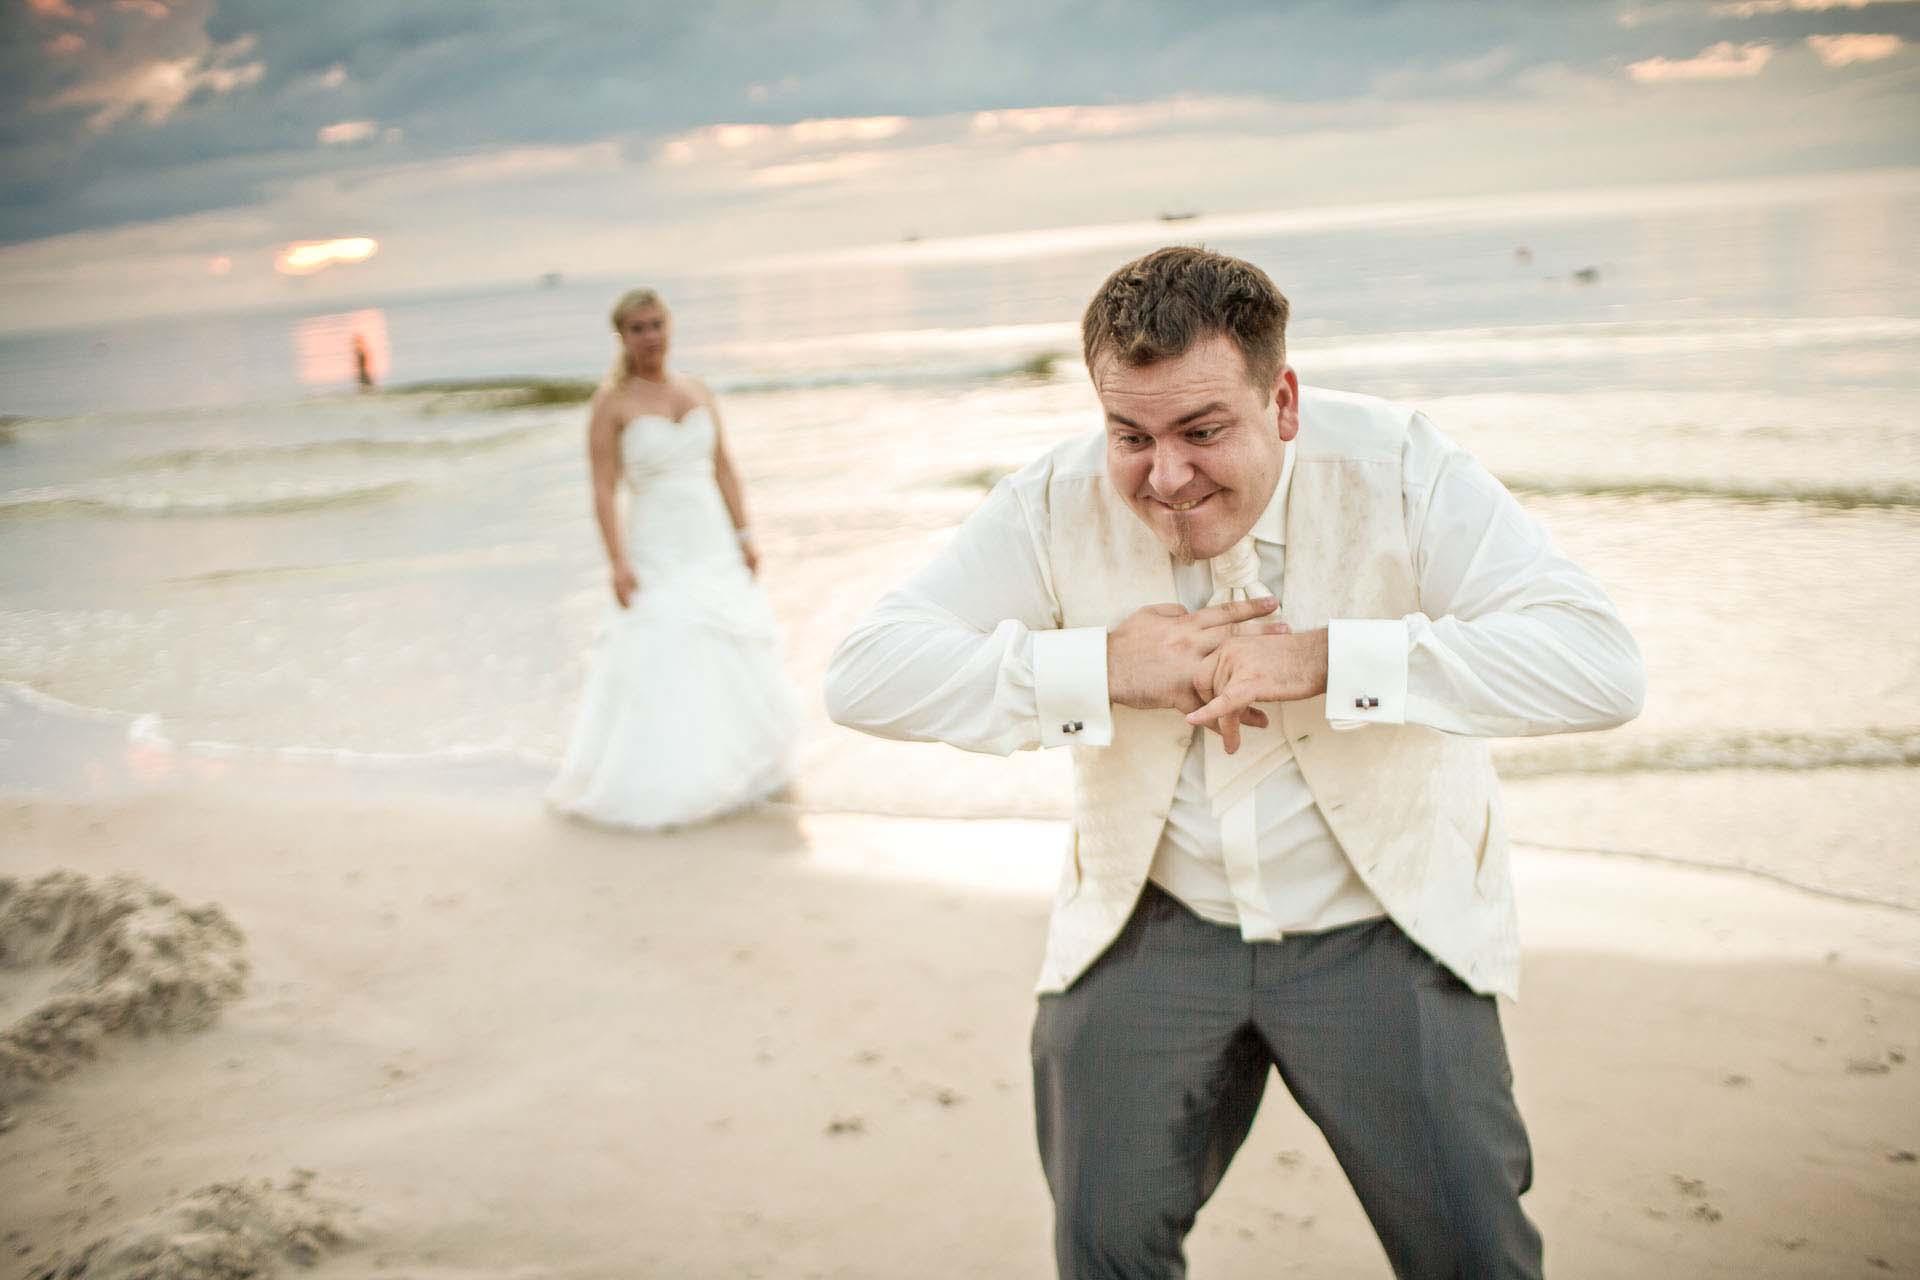 Plenerowa sesja zdjęciowa na nadmorskiej plaży.